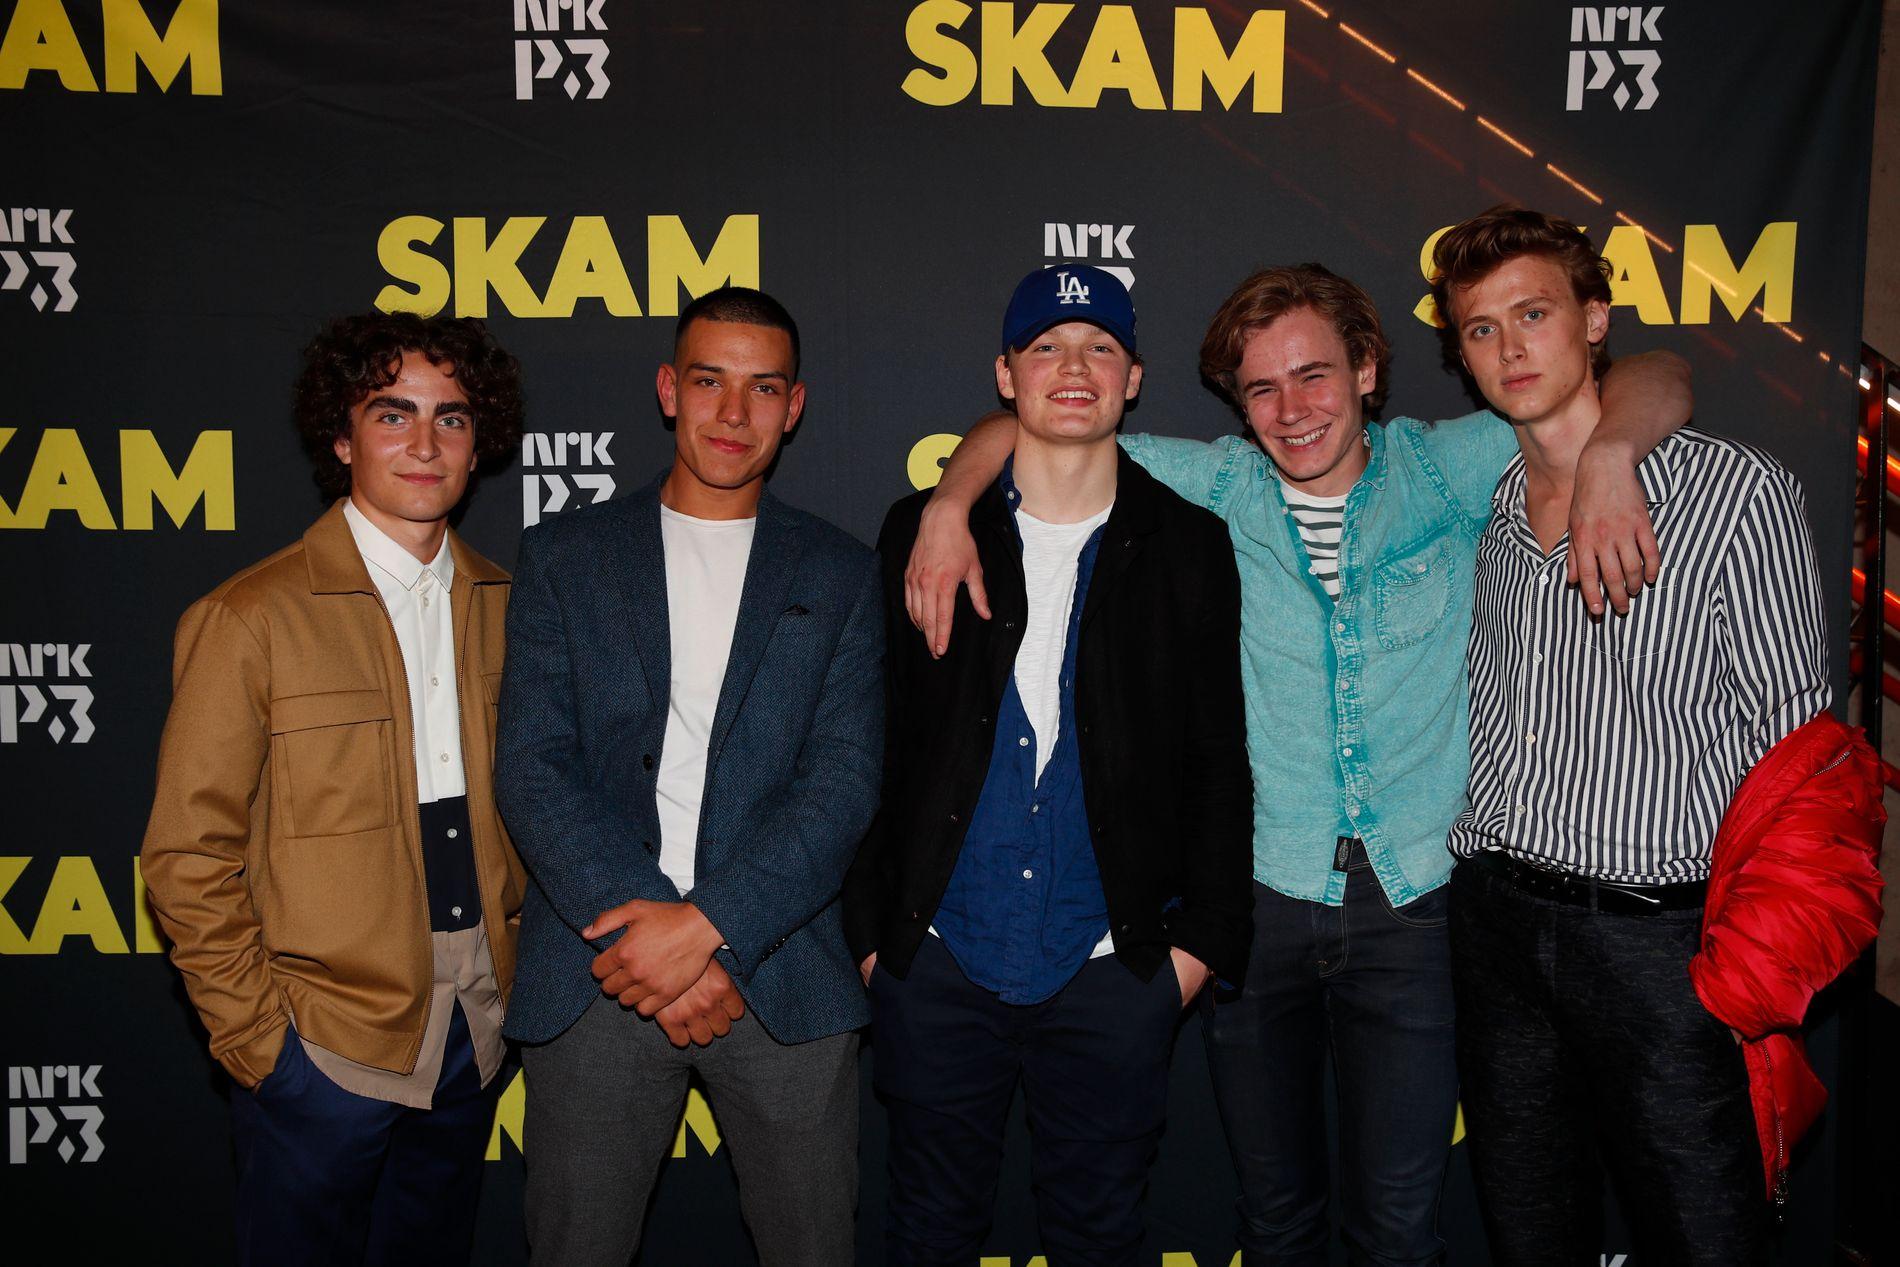 SISTE KVELD MED GJENGEN: Rollefigurene Jonas, Elias (i sesong 1), Magnus, Isak og Even fra Skam under fredagens avslutningsfest.